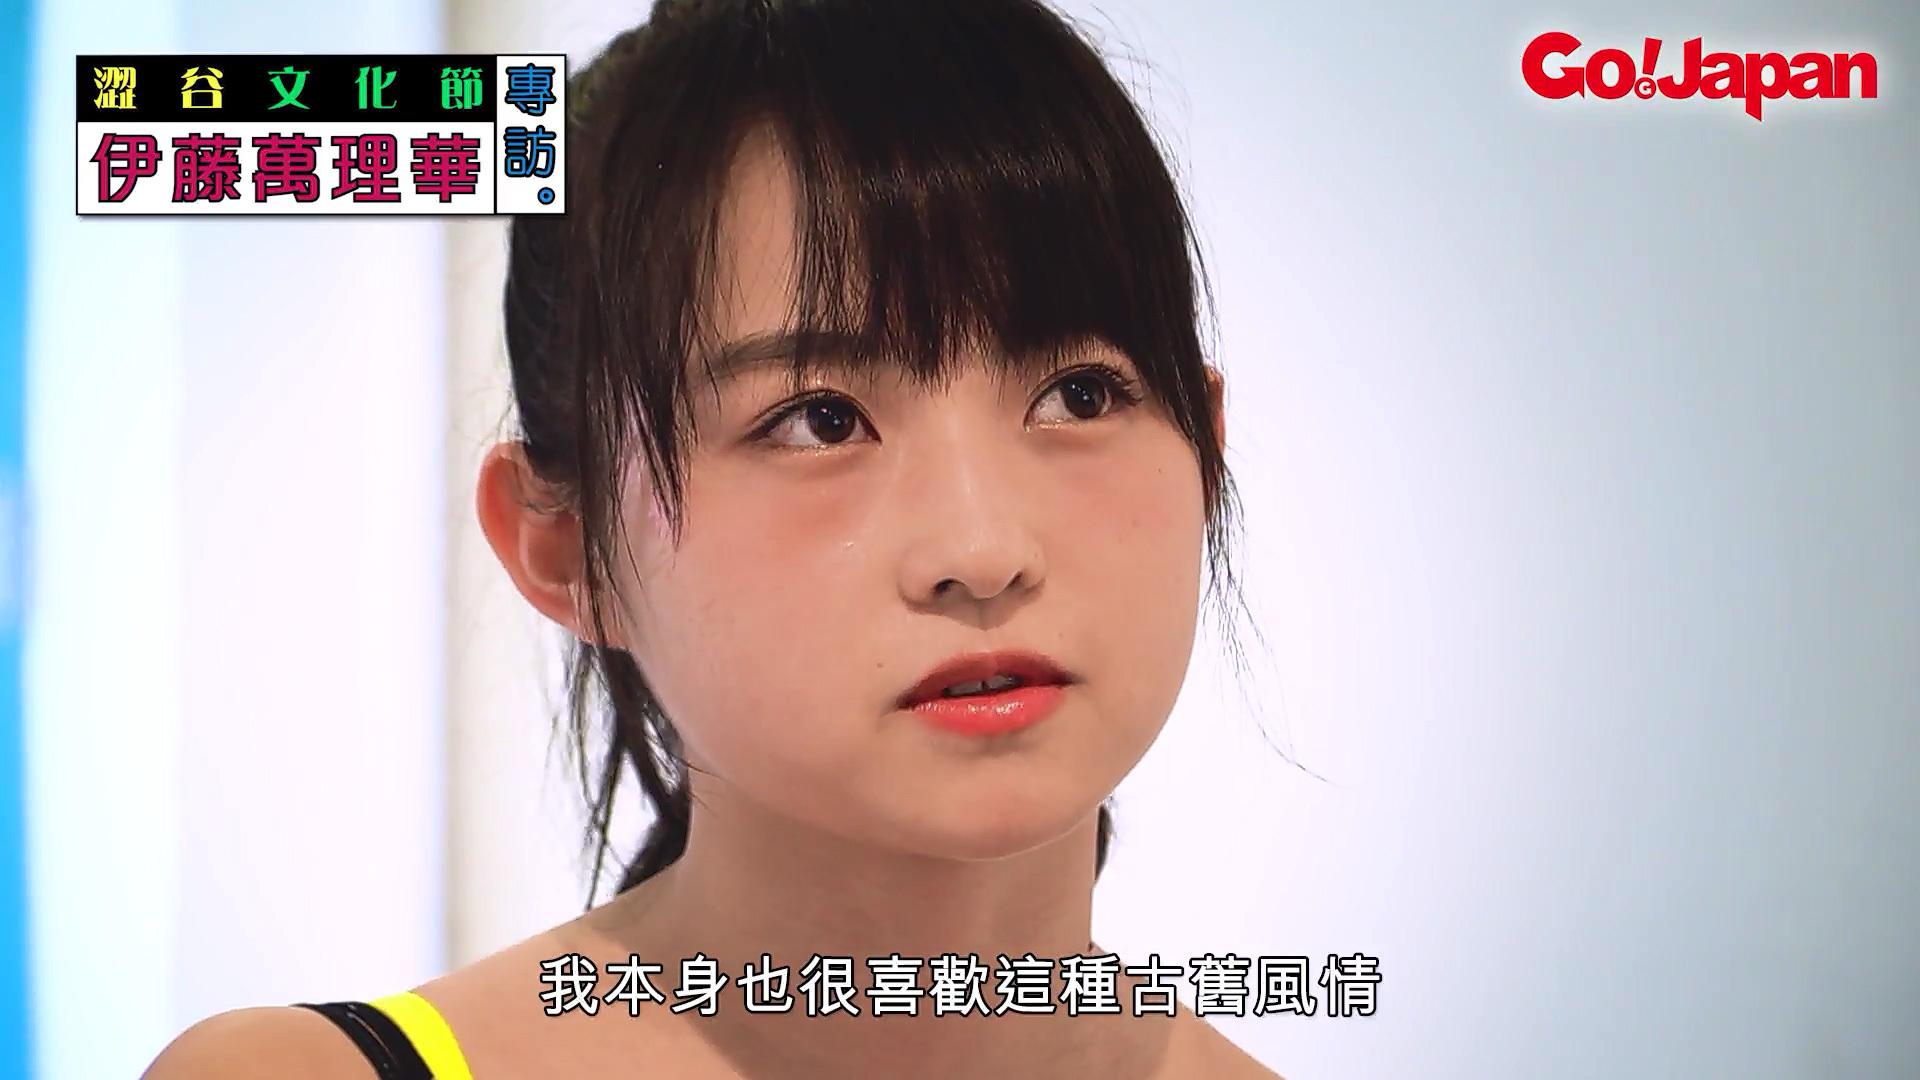 【日本藝人專訪】前乃木坂46 成員伊藤萬理華專訪2